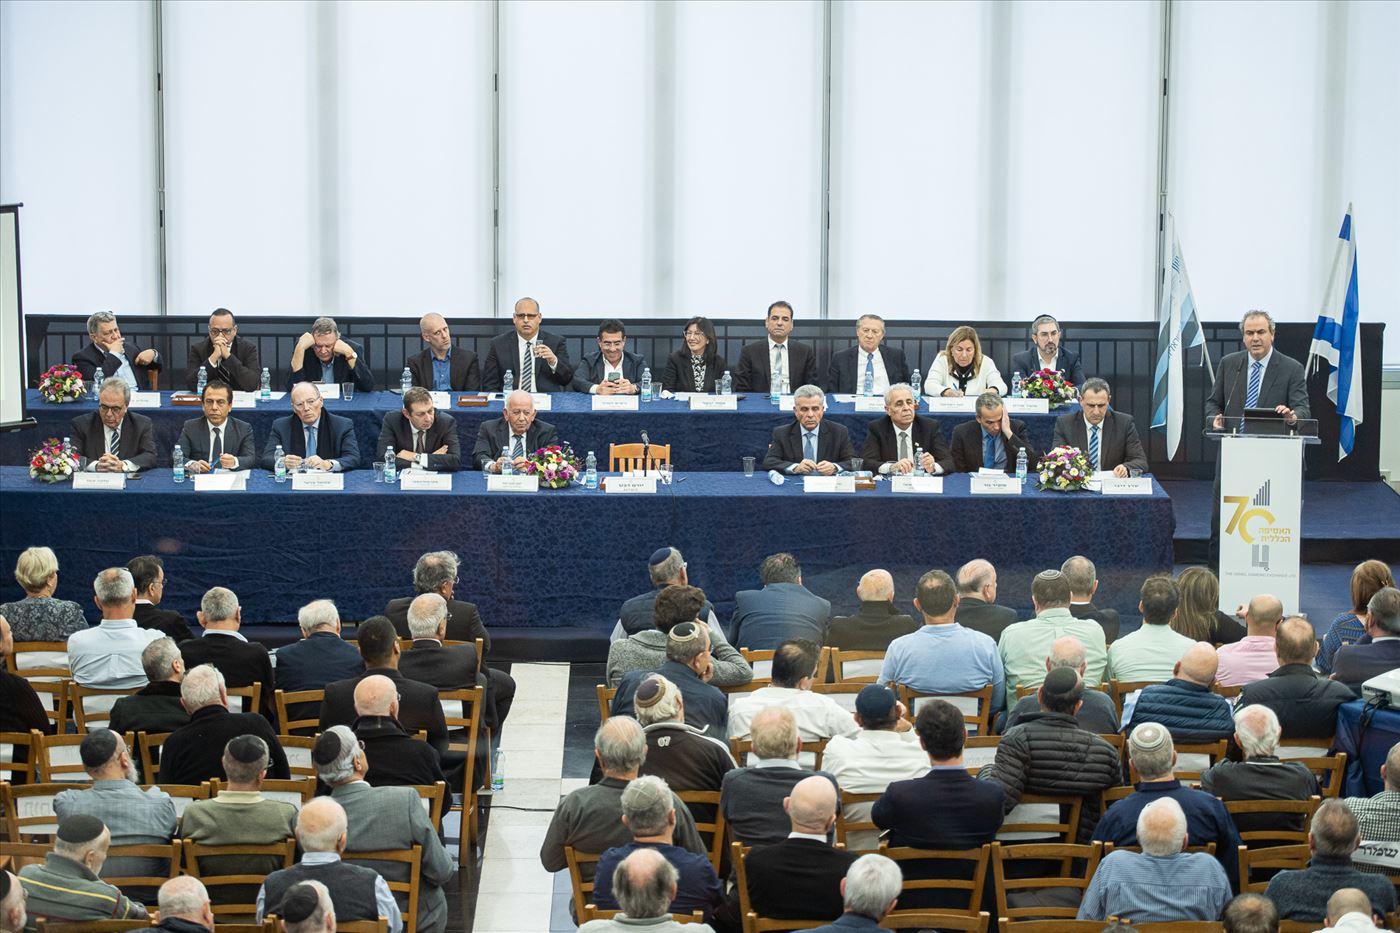 גלרייה - האסיפה הכללית ה-70 תמונה 61 מתוך 239